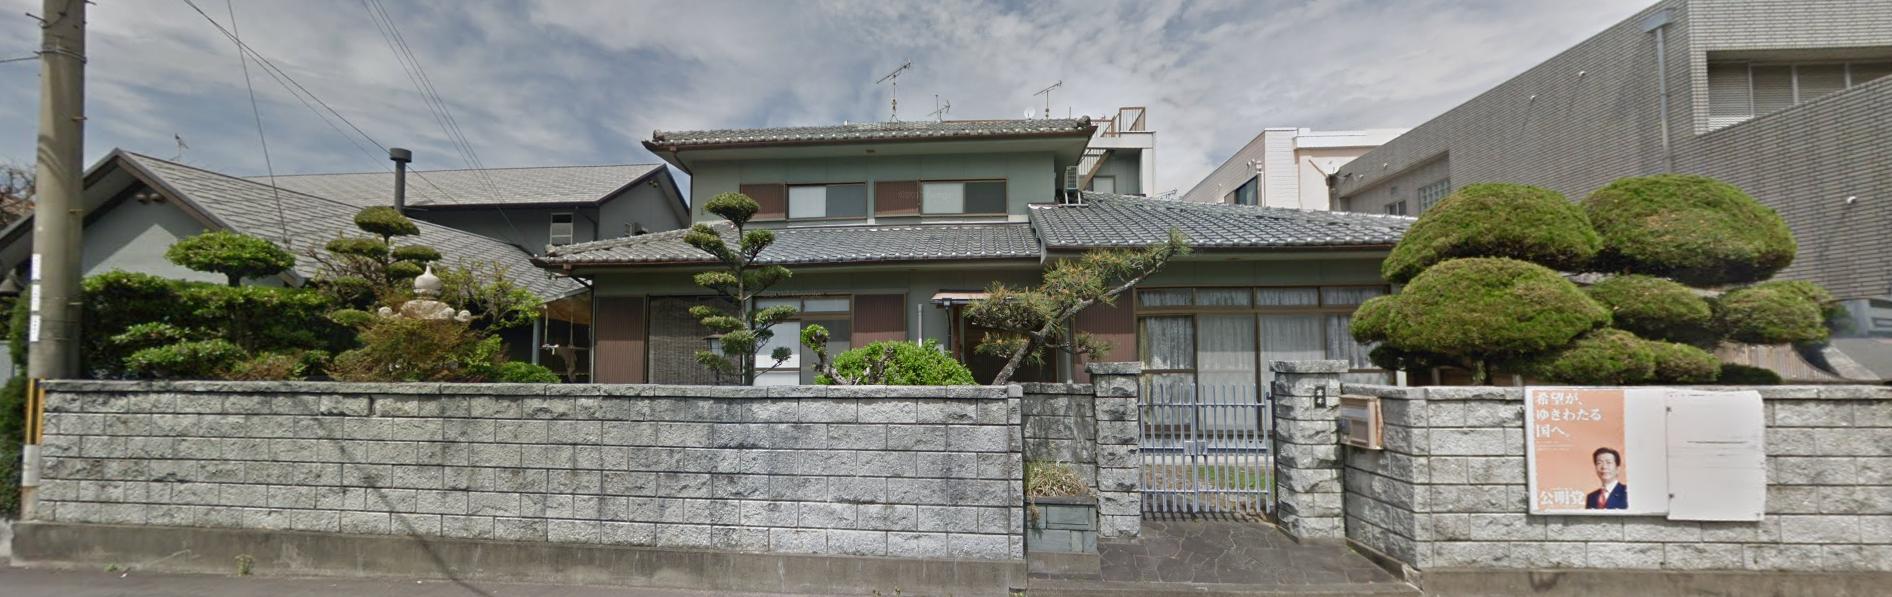 和歌山市の物件外観写真